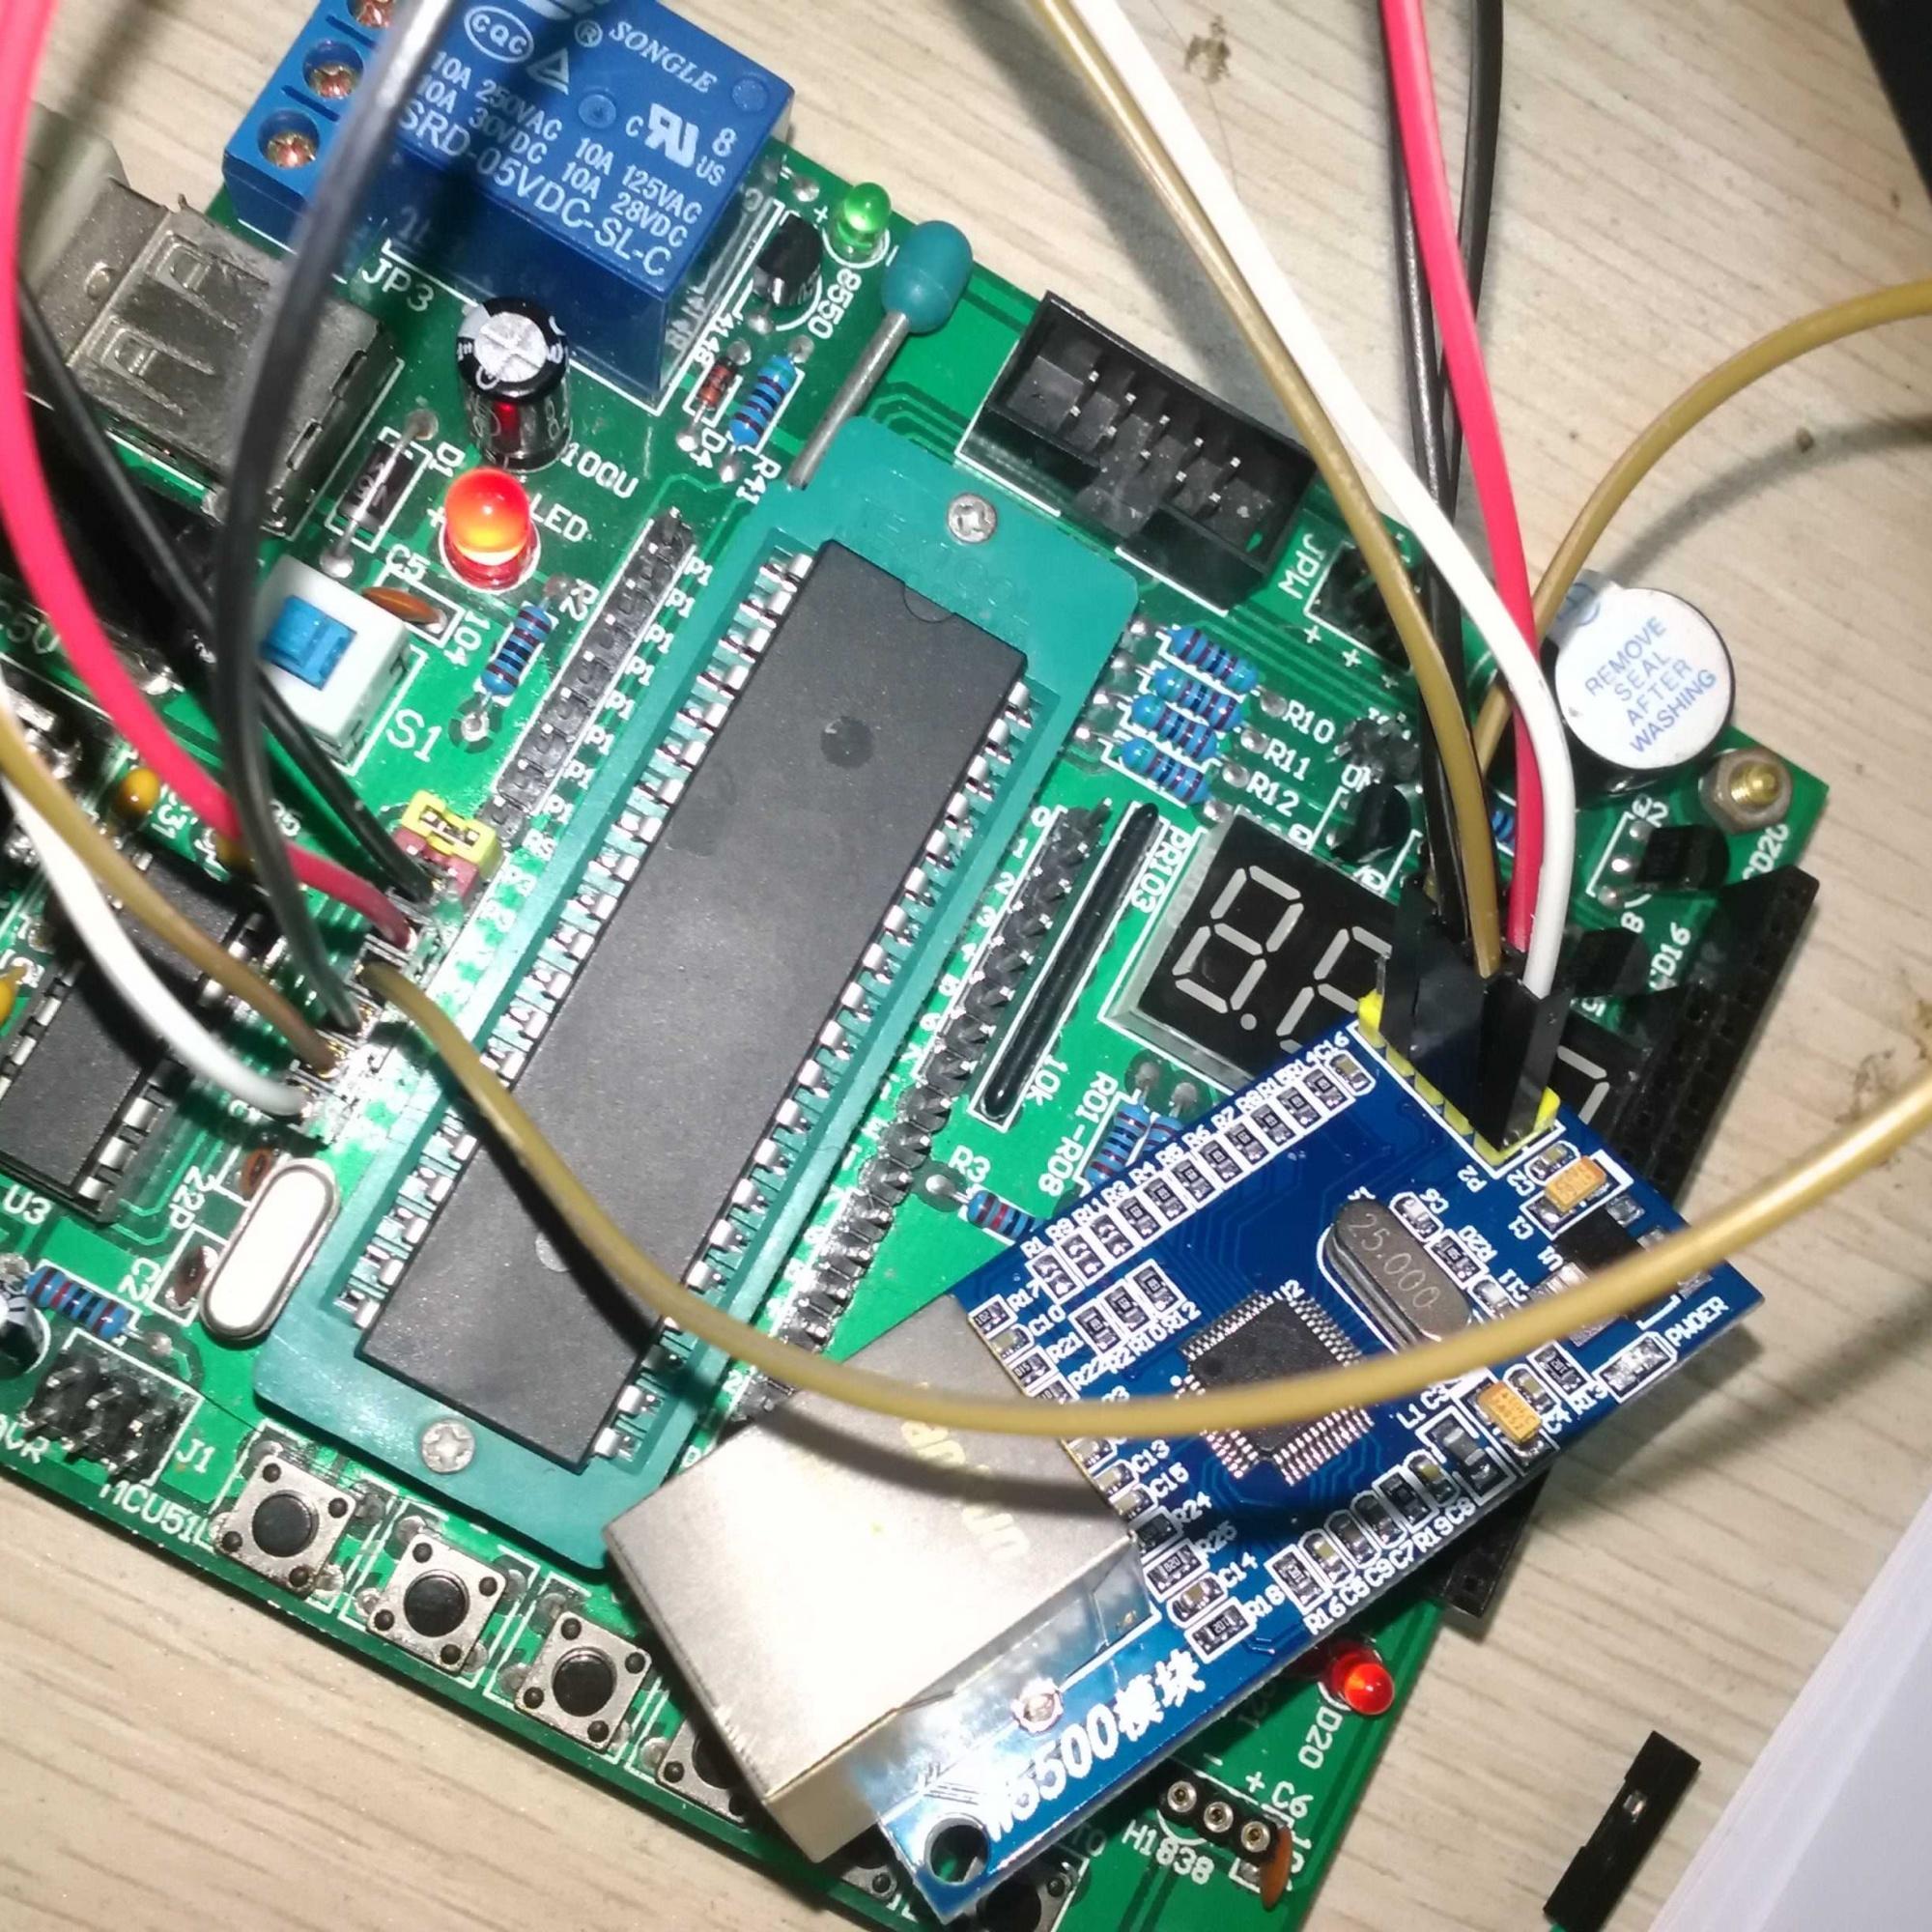 51单片机 w5500上网模块资料,有程序,原理图,很赞